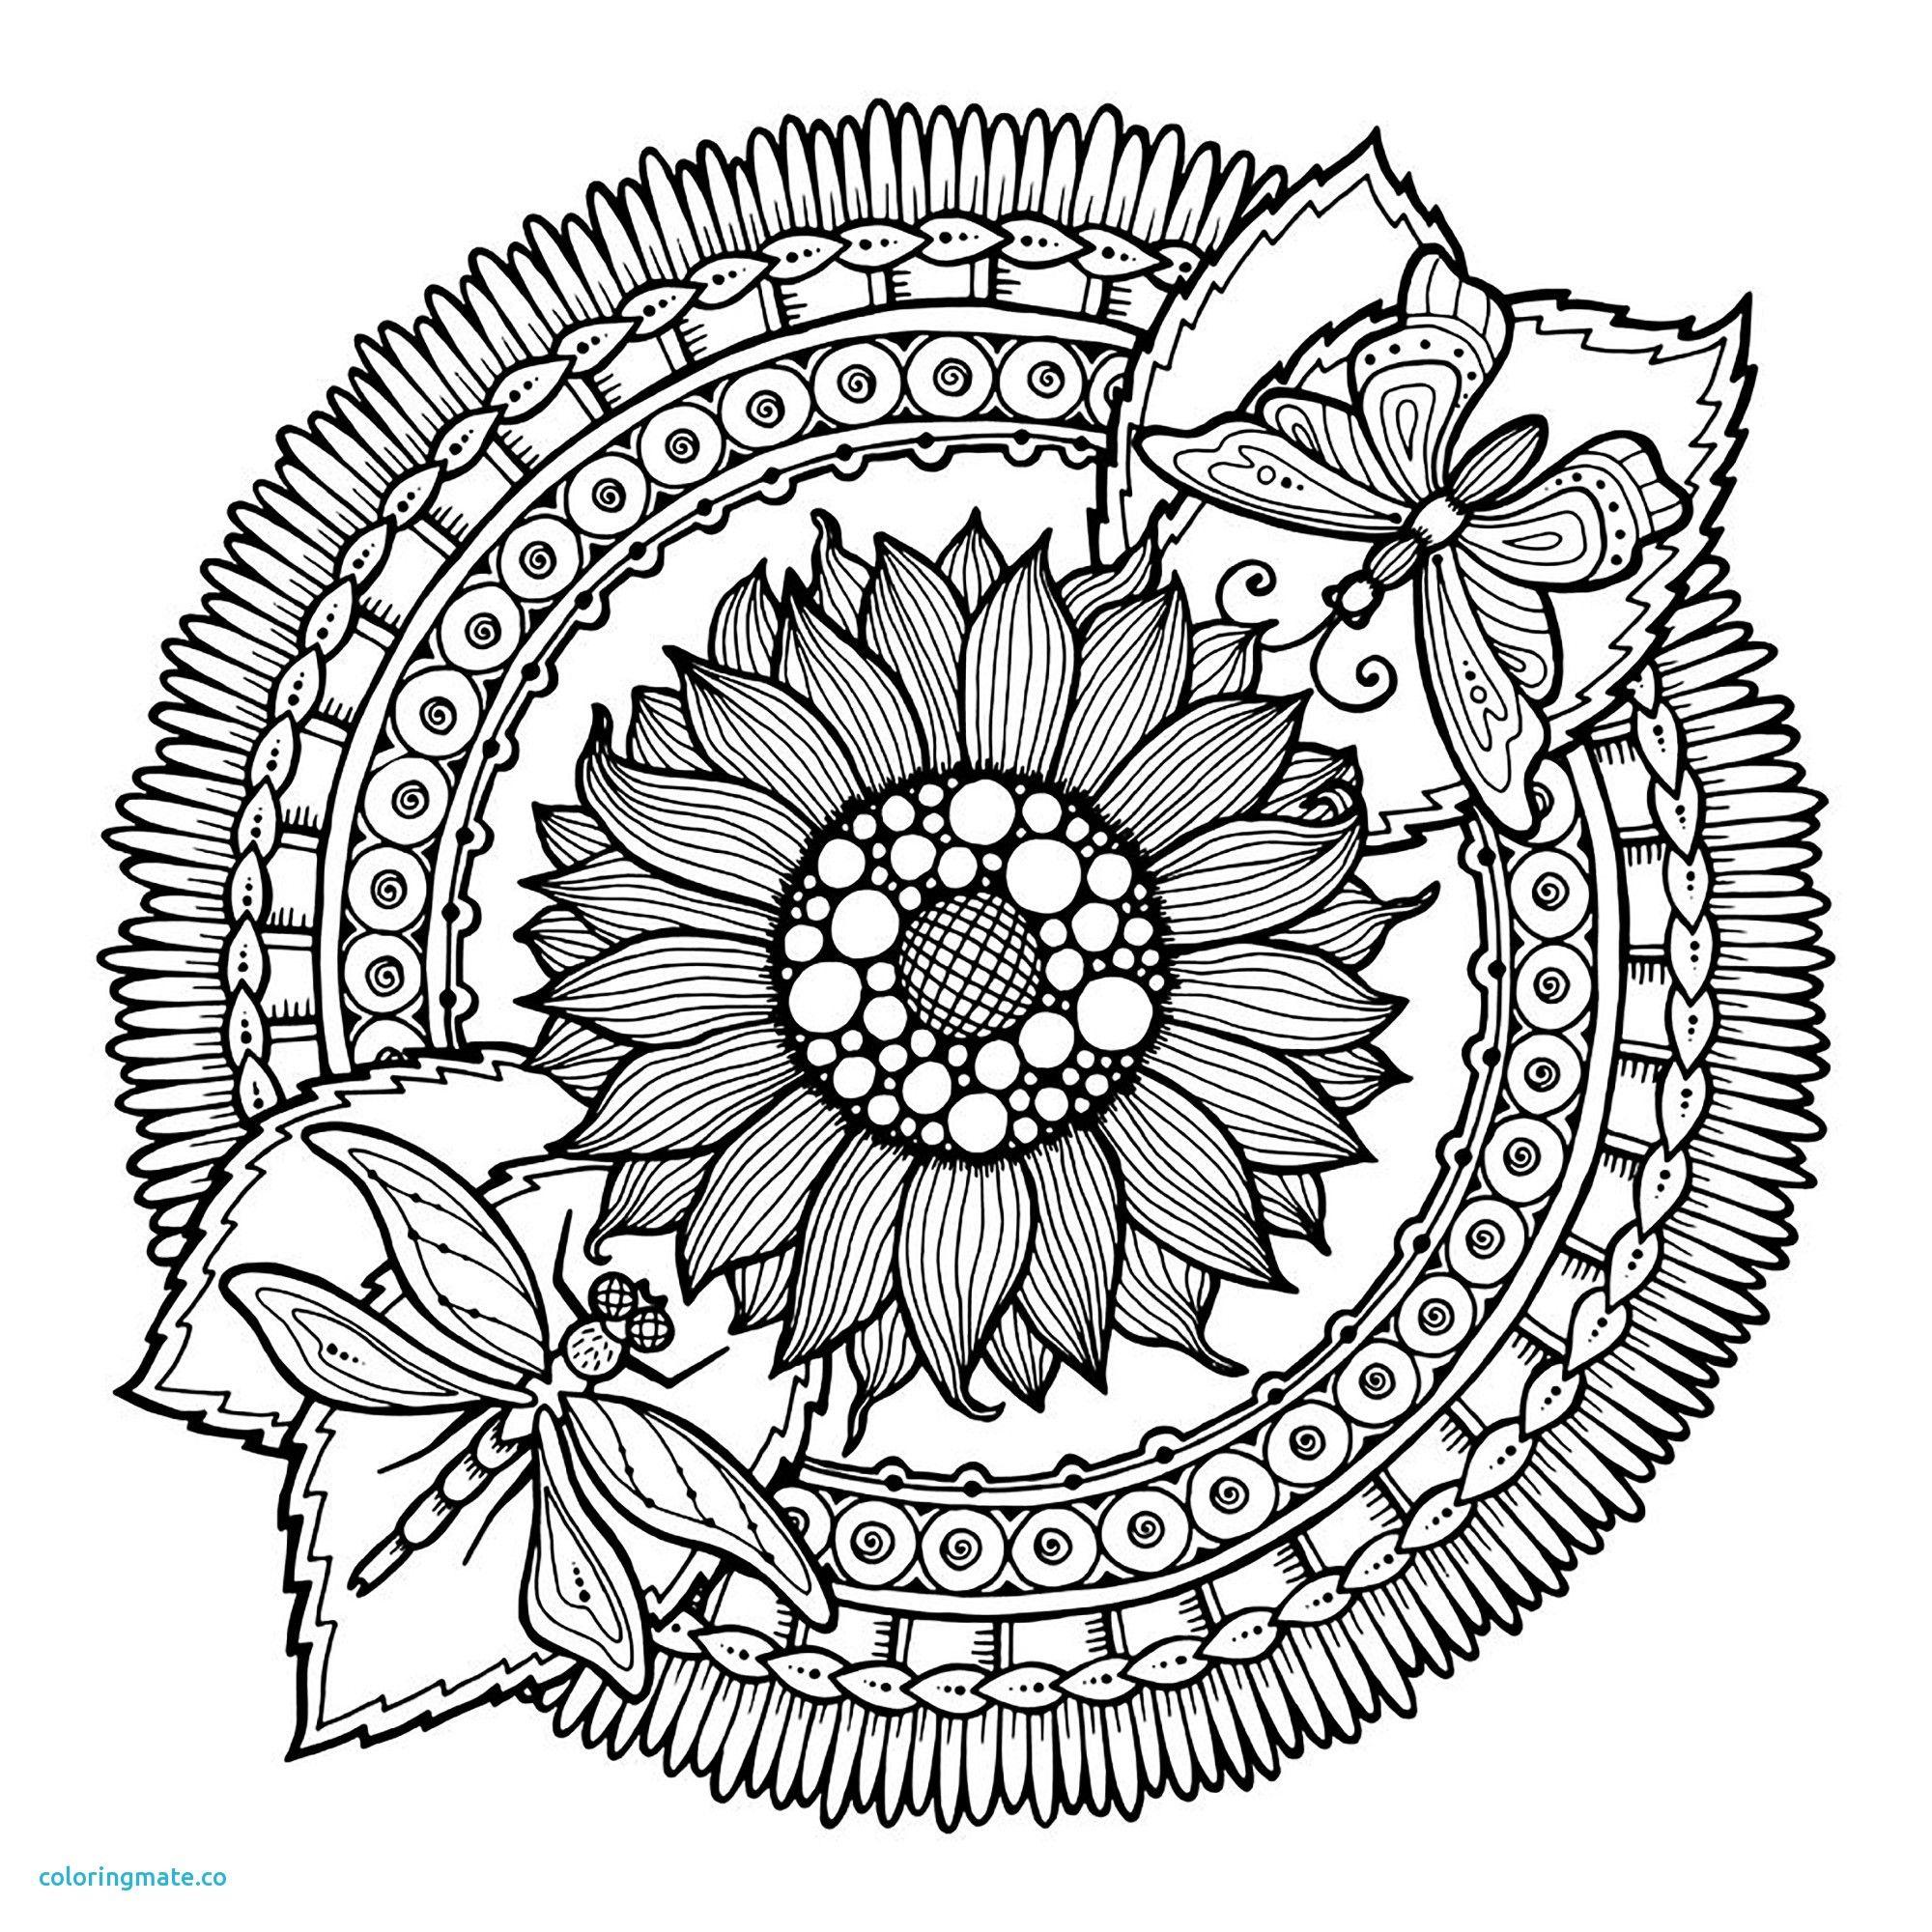 Facile Mandala Fleurs Et Papillon Coloriage Mandalas Of tout Dessin Rosace Fleur